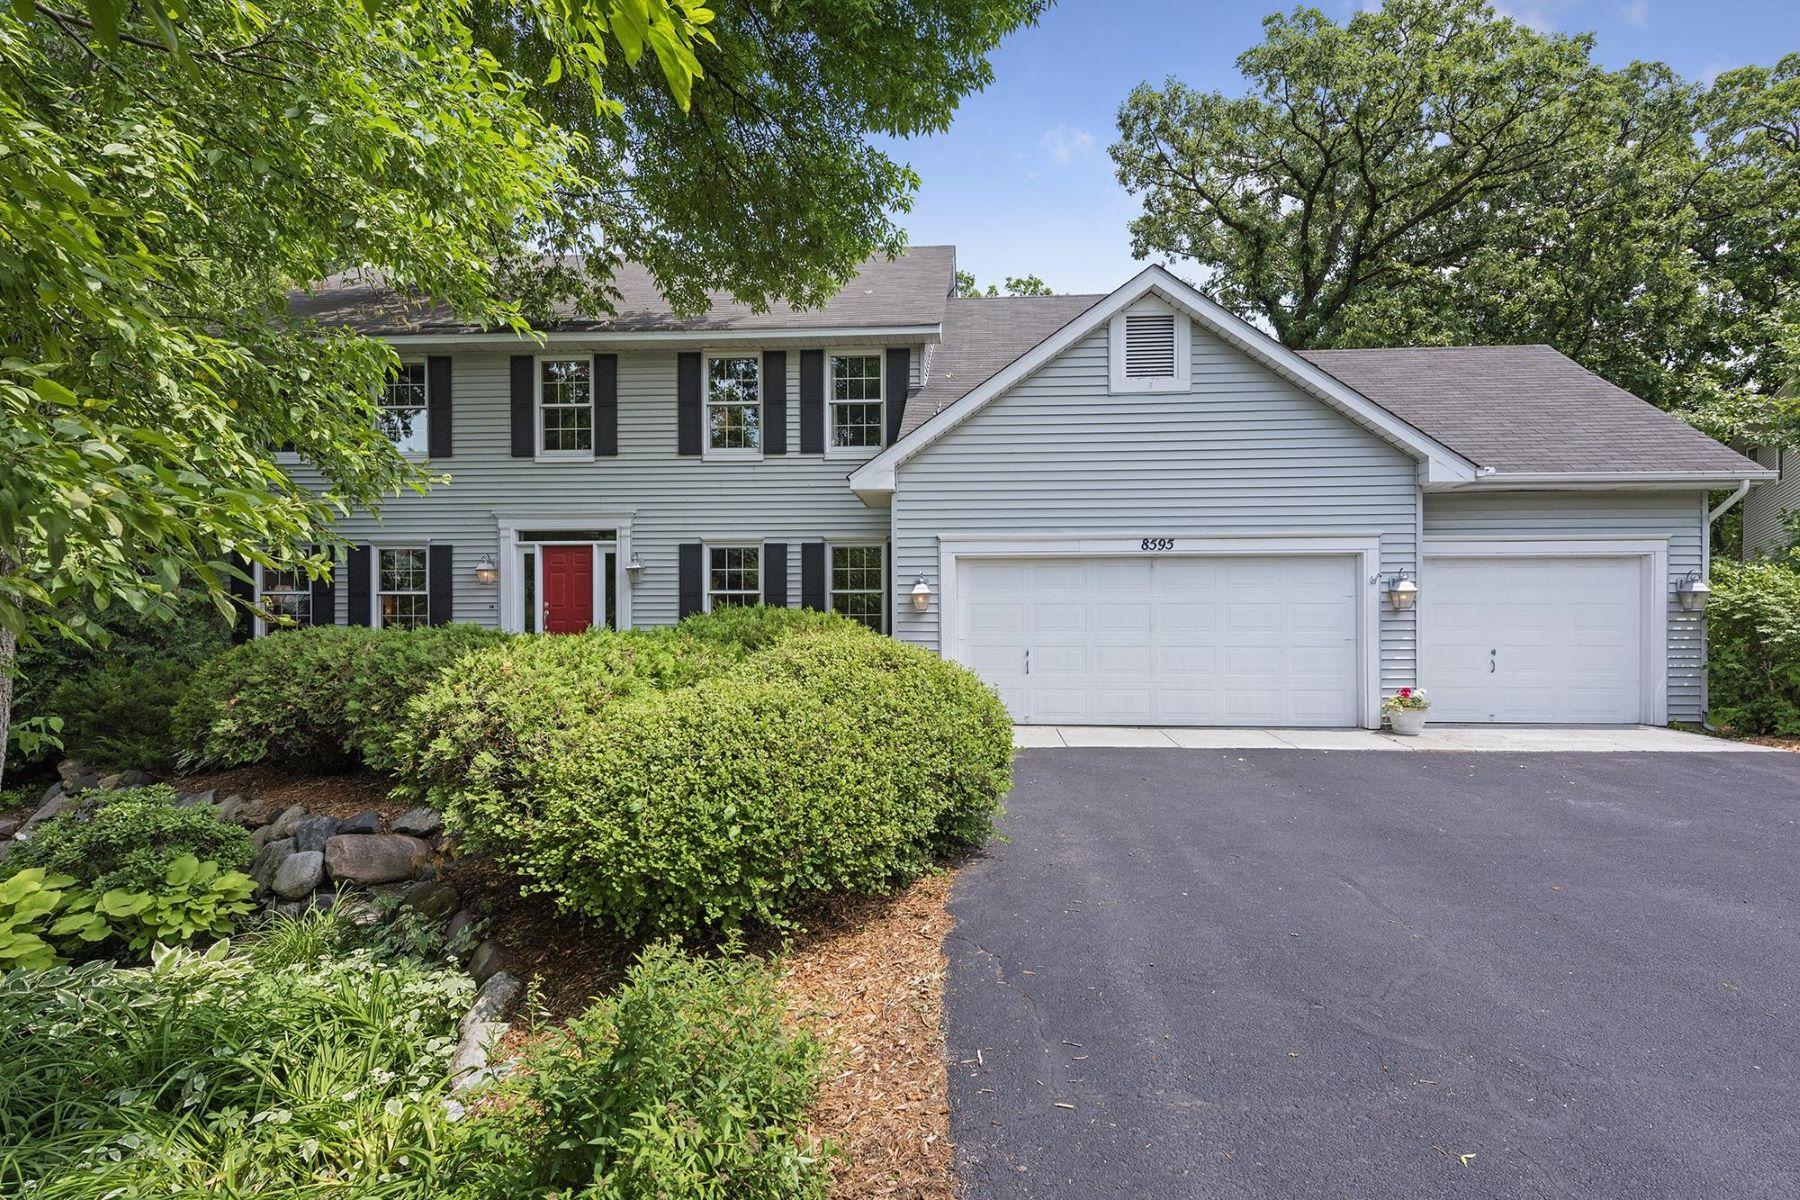 Nhà ở một gia đình vì Bán tại 8595 Drake Court Chanhassen, Minnesota, 55317 Hoa Kỳ